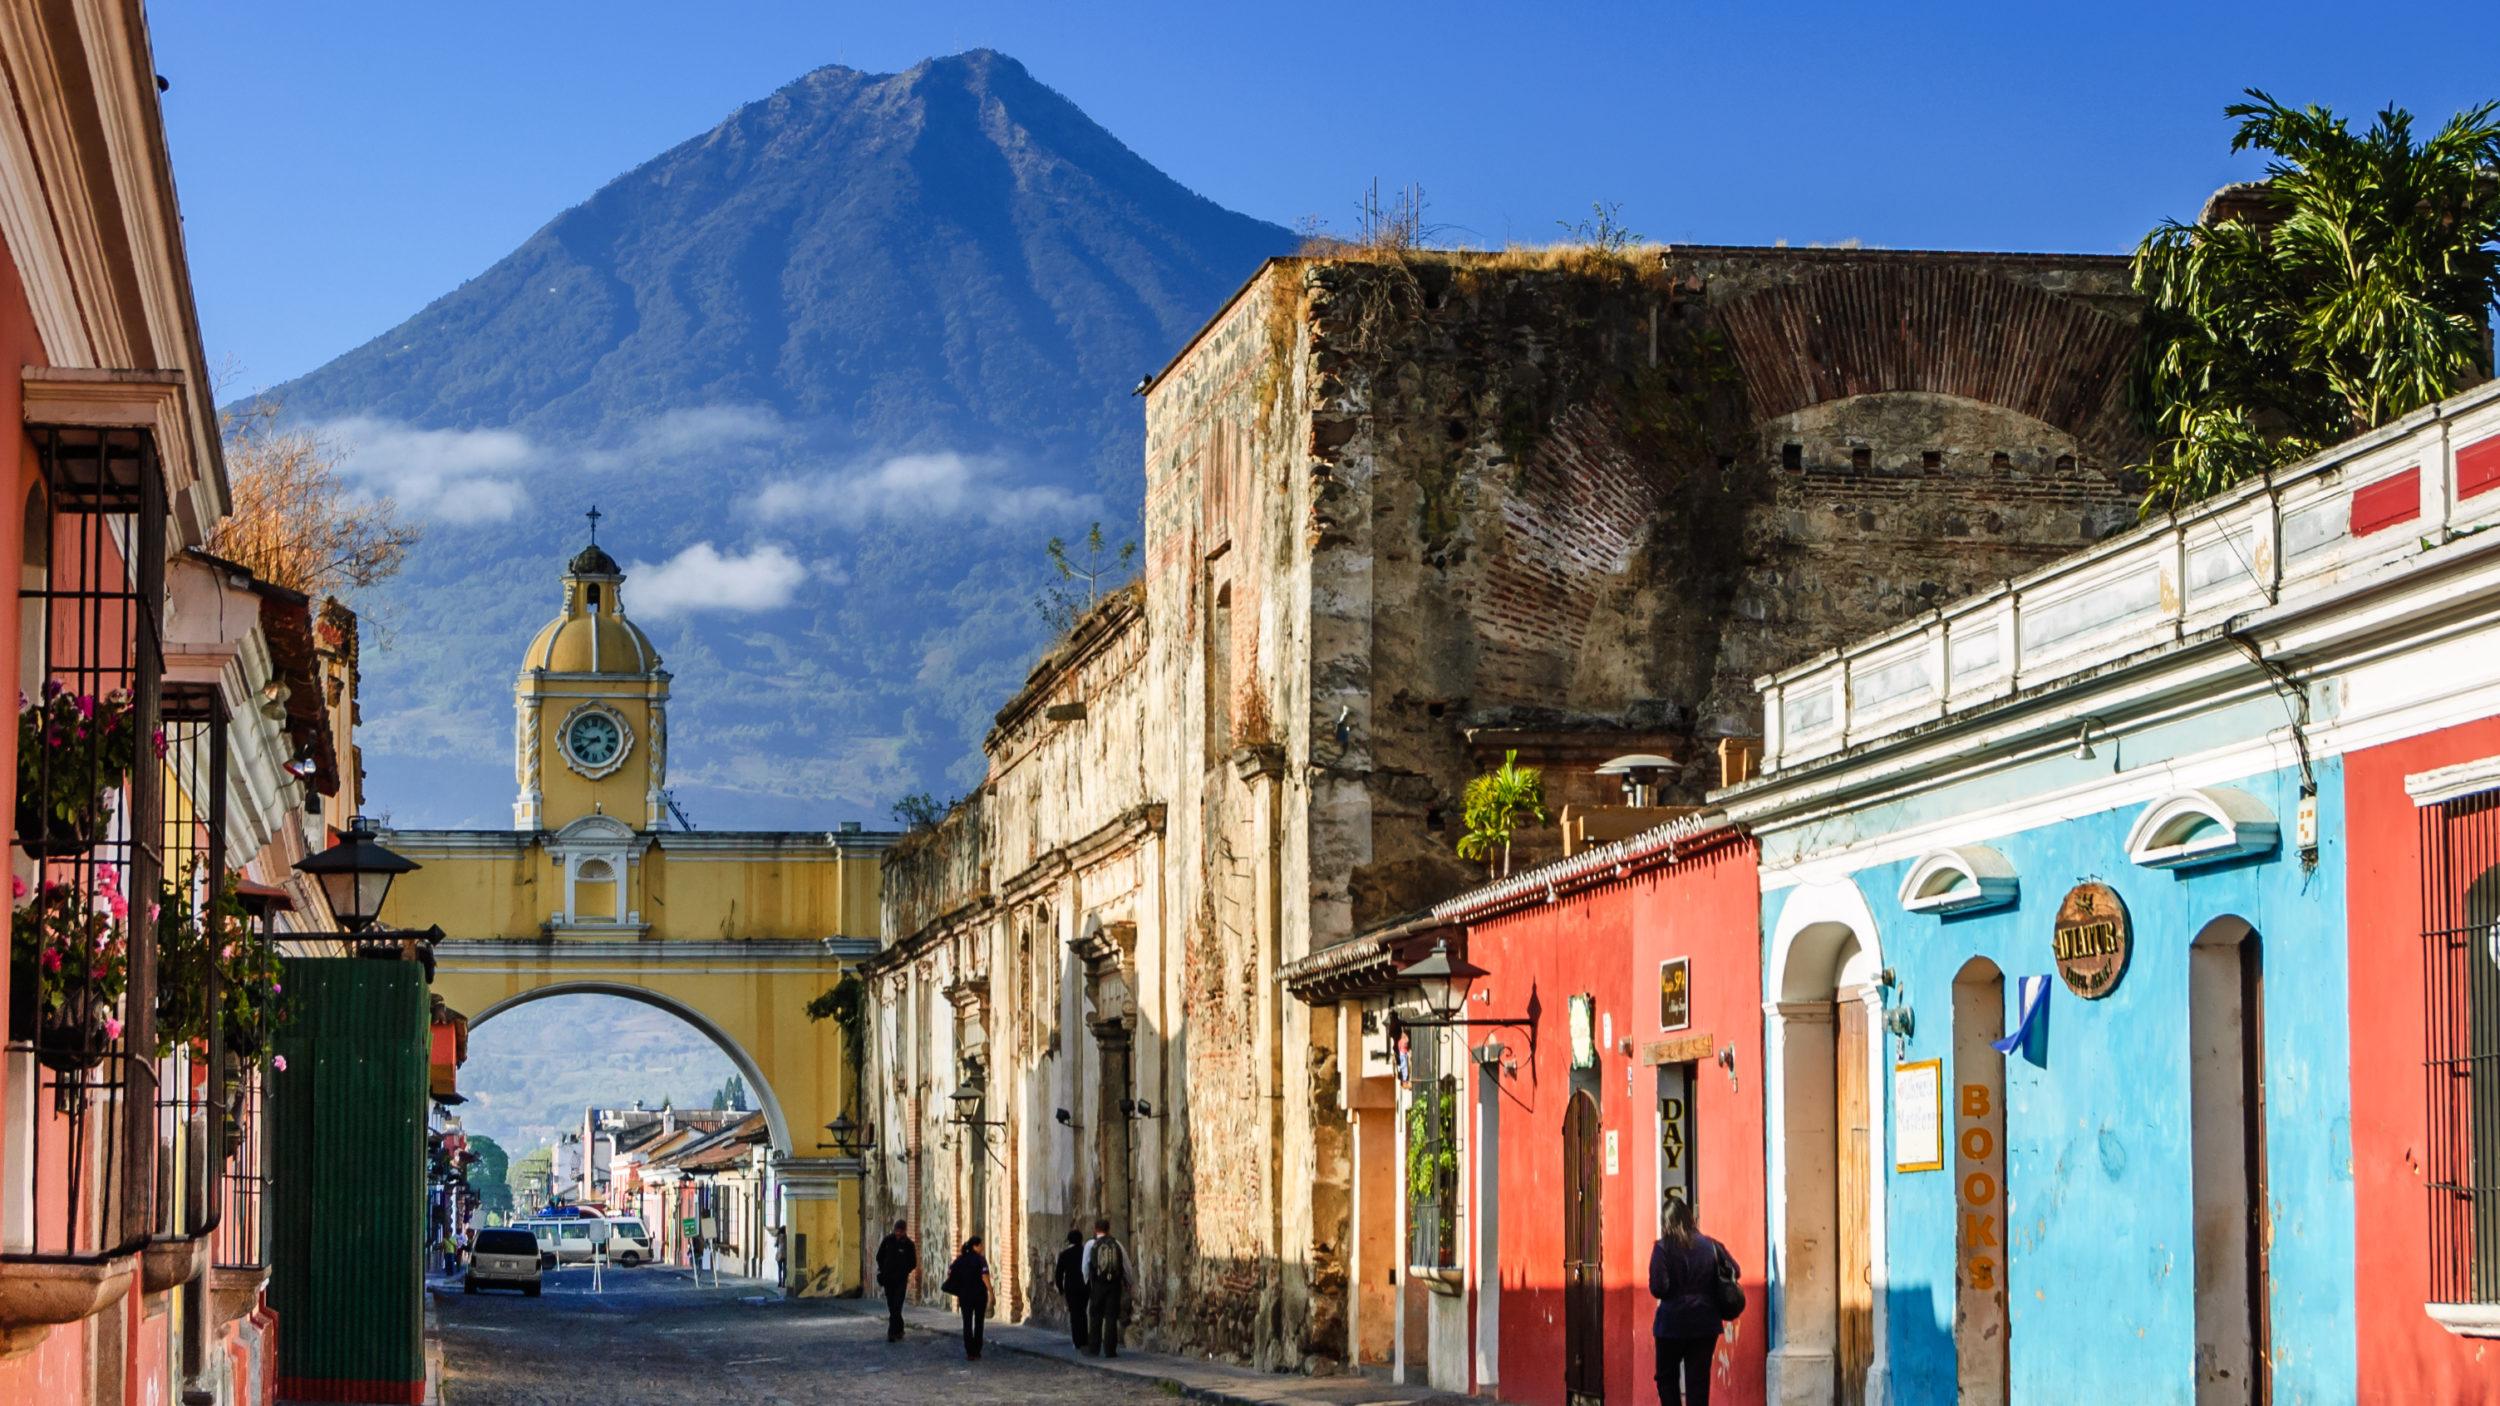 Guatemala [Shutterstock]